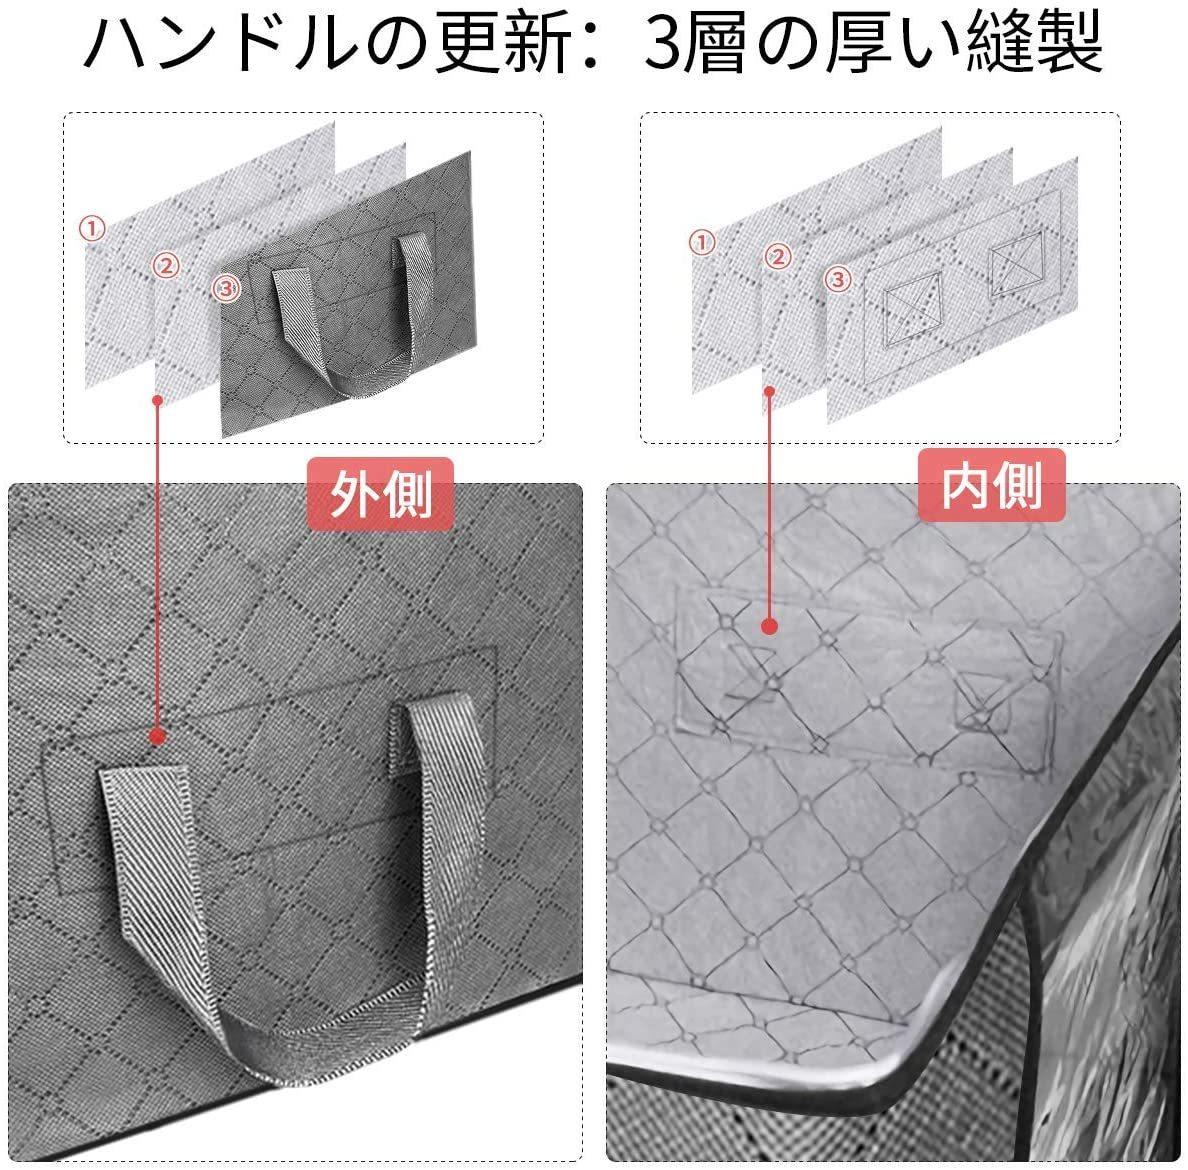 布団収納袋 KING DO WAY 衣類整理ケース 折りたたみ可能_画像3